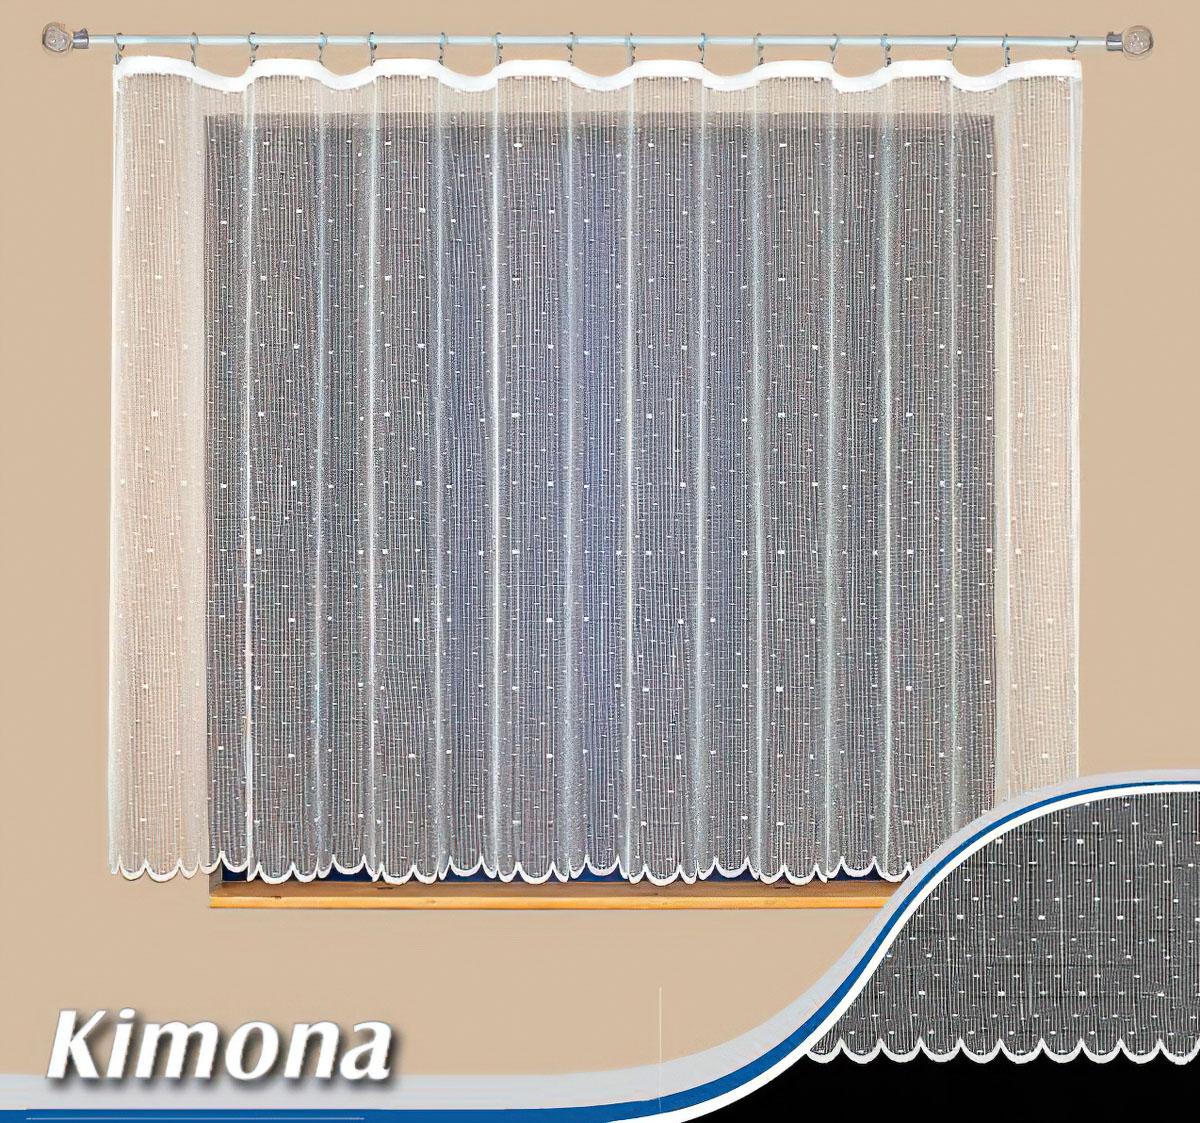 Tylex kusová záclona KIMONA jednobarevná bílá, výška 150 cm x šířka 300 cm (na okno)